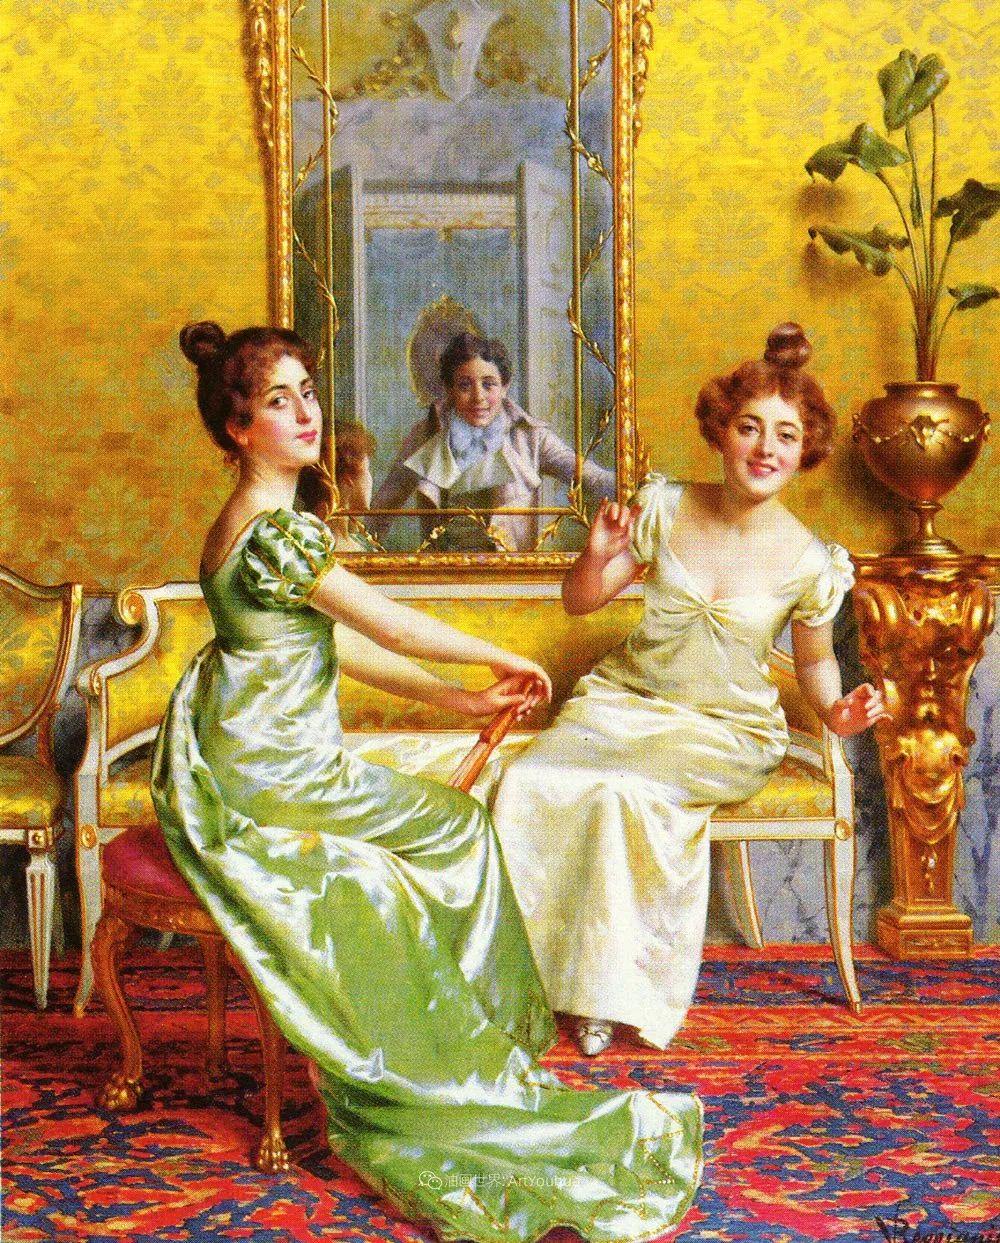 充斥着浪漫音符的贵族生活,衣服质感太强了!插图95